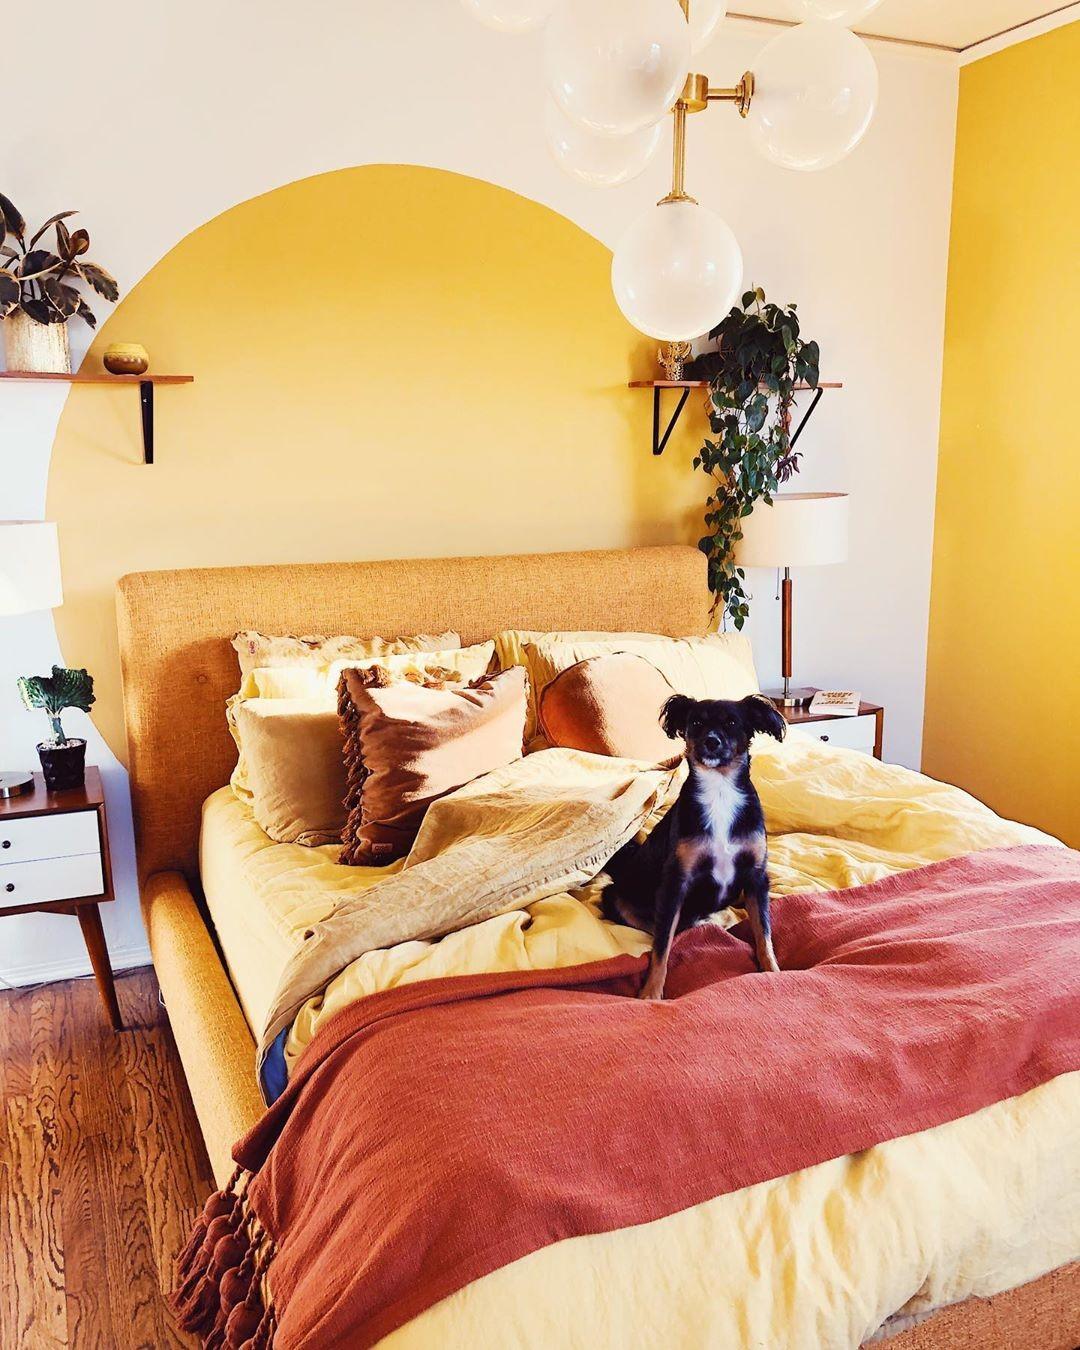 بالصور غرف نوم باللون الأصفر- الأصفر الحمصي